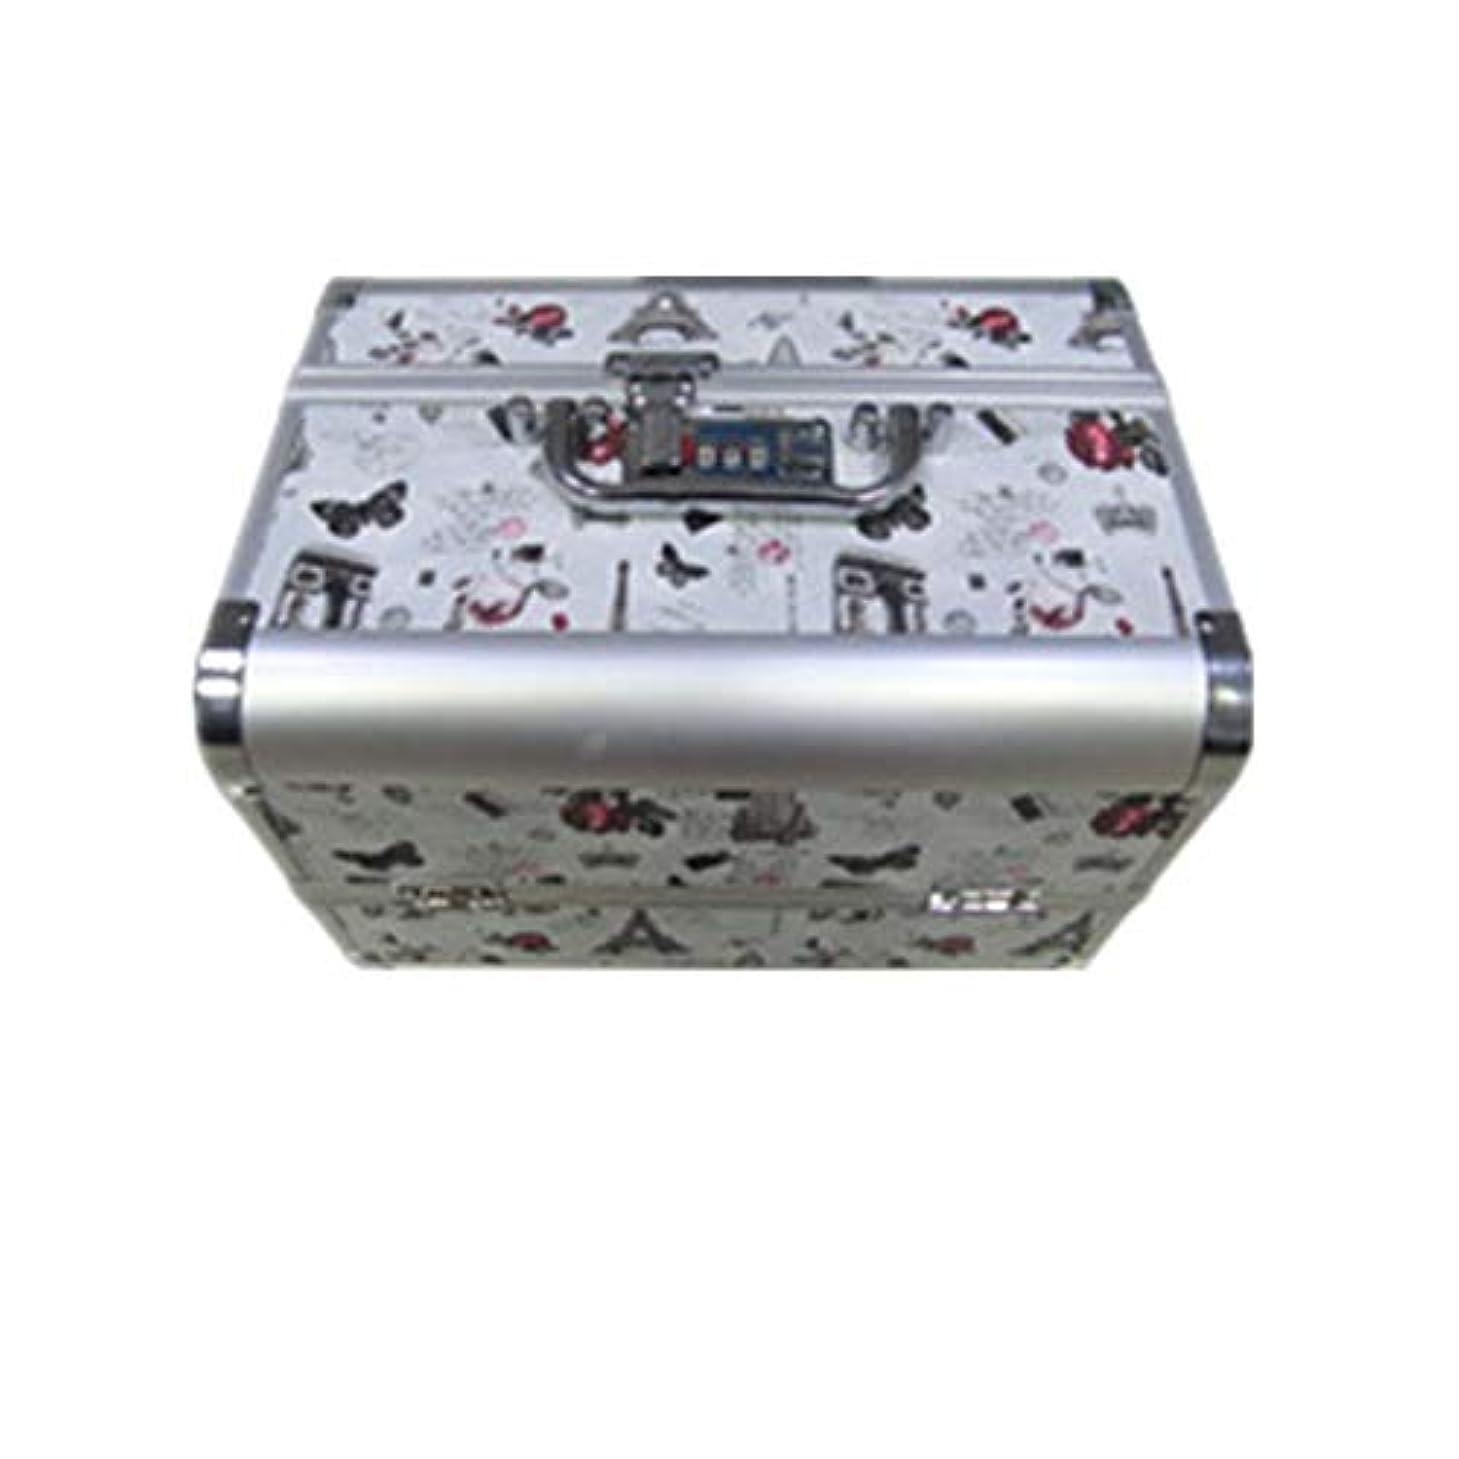 異形領収書比較化粧オーガナイザーバッグ 大容量ポータブル化粧ケース(トラベルアクセサリー用)シャンプーボディウォッシュパーソナルアイテム収納トレイ(エクステンショントレイ付) 化粧品ケース